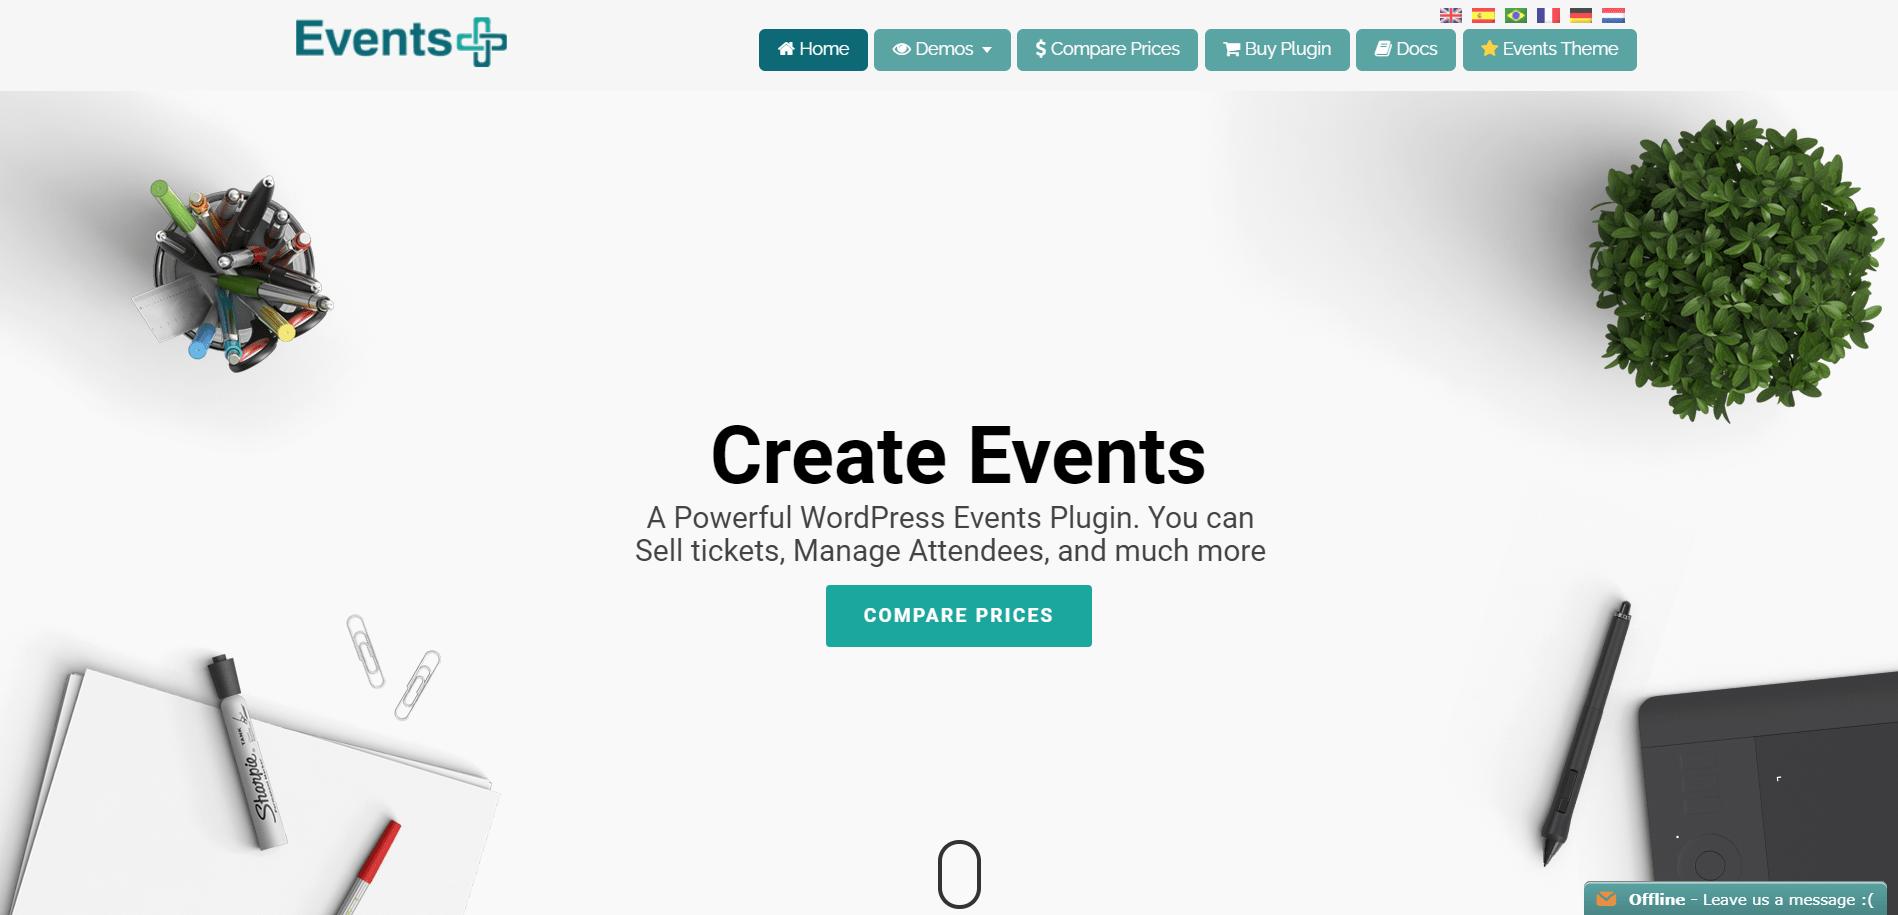 WP EventsPlus